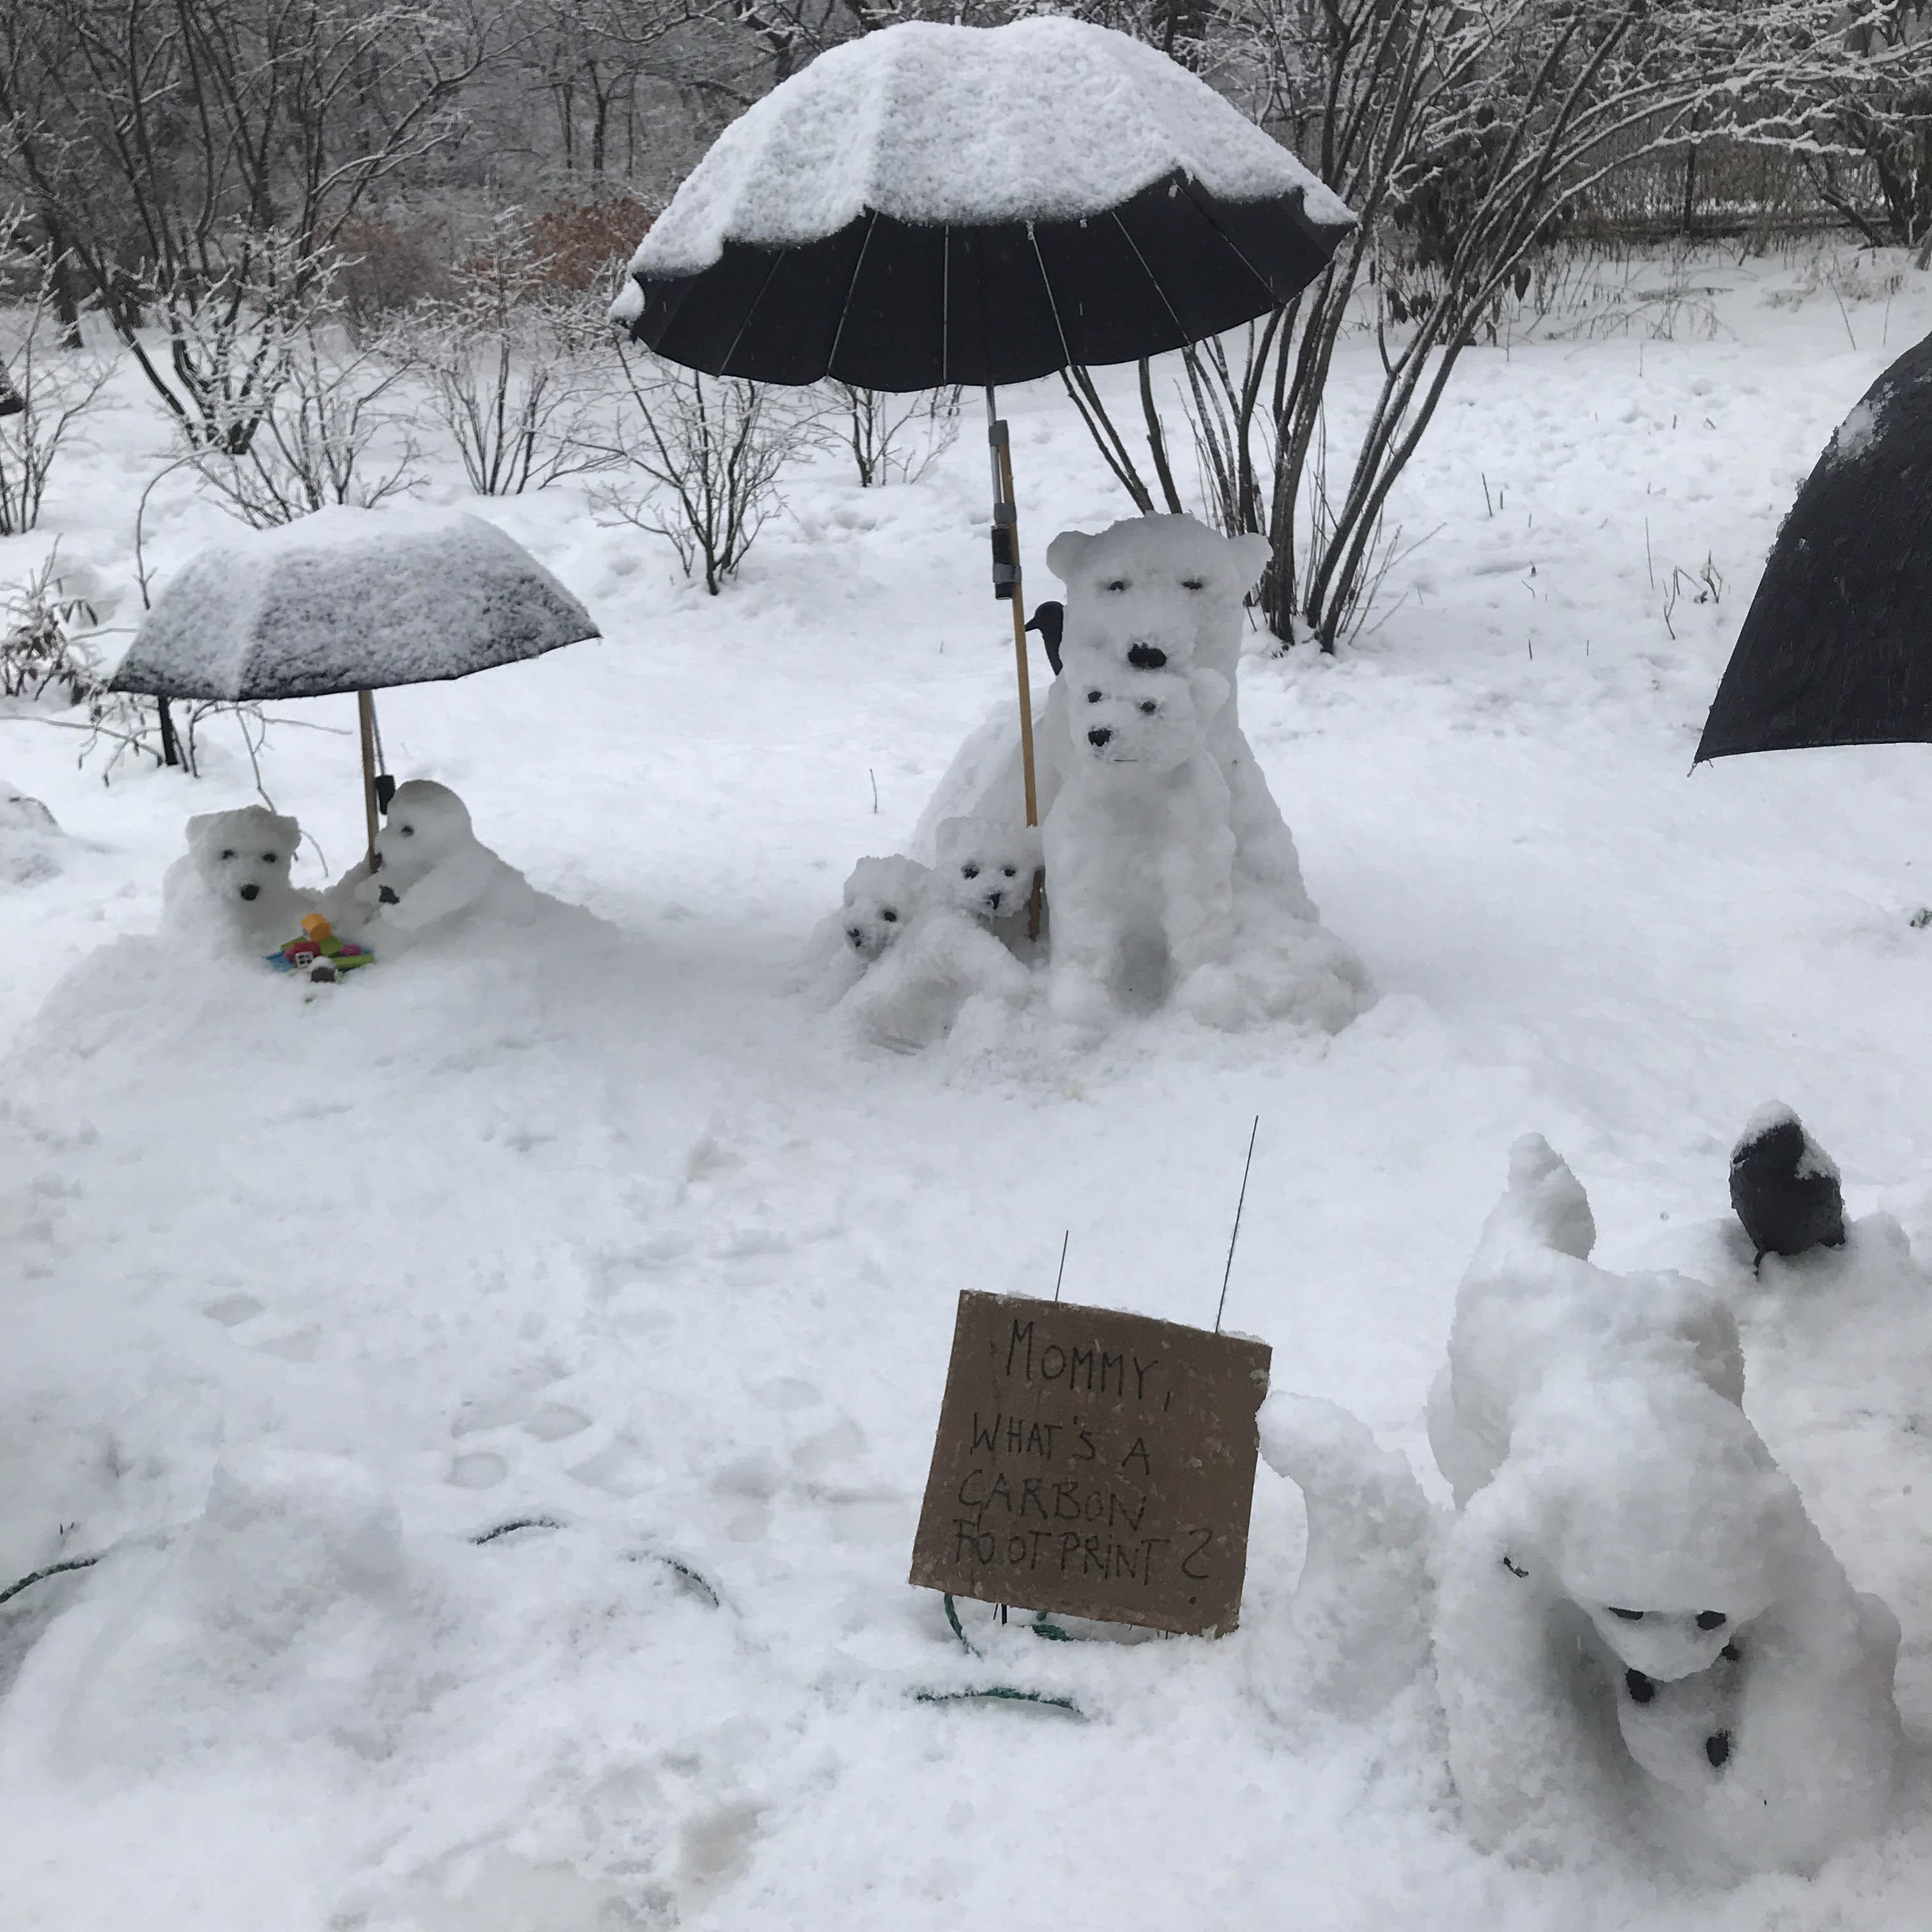 Polar bear snow sculptures by Heide Hatry